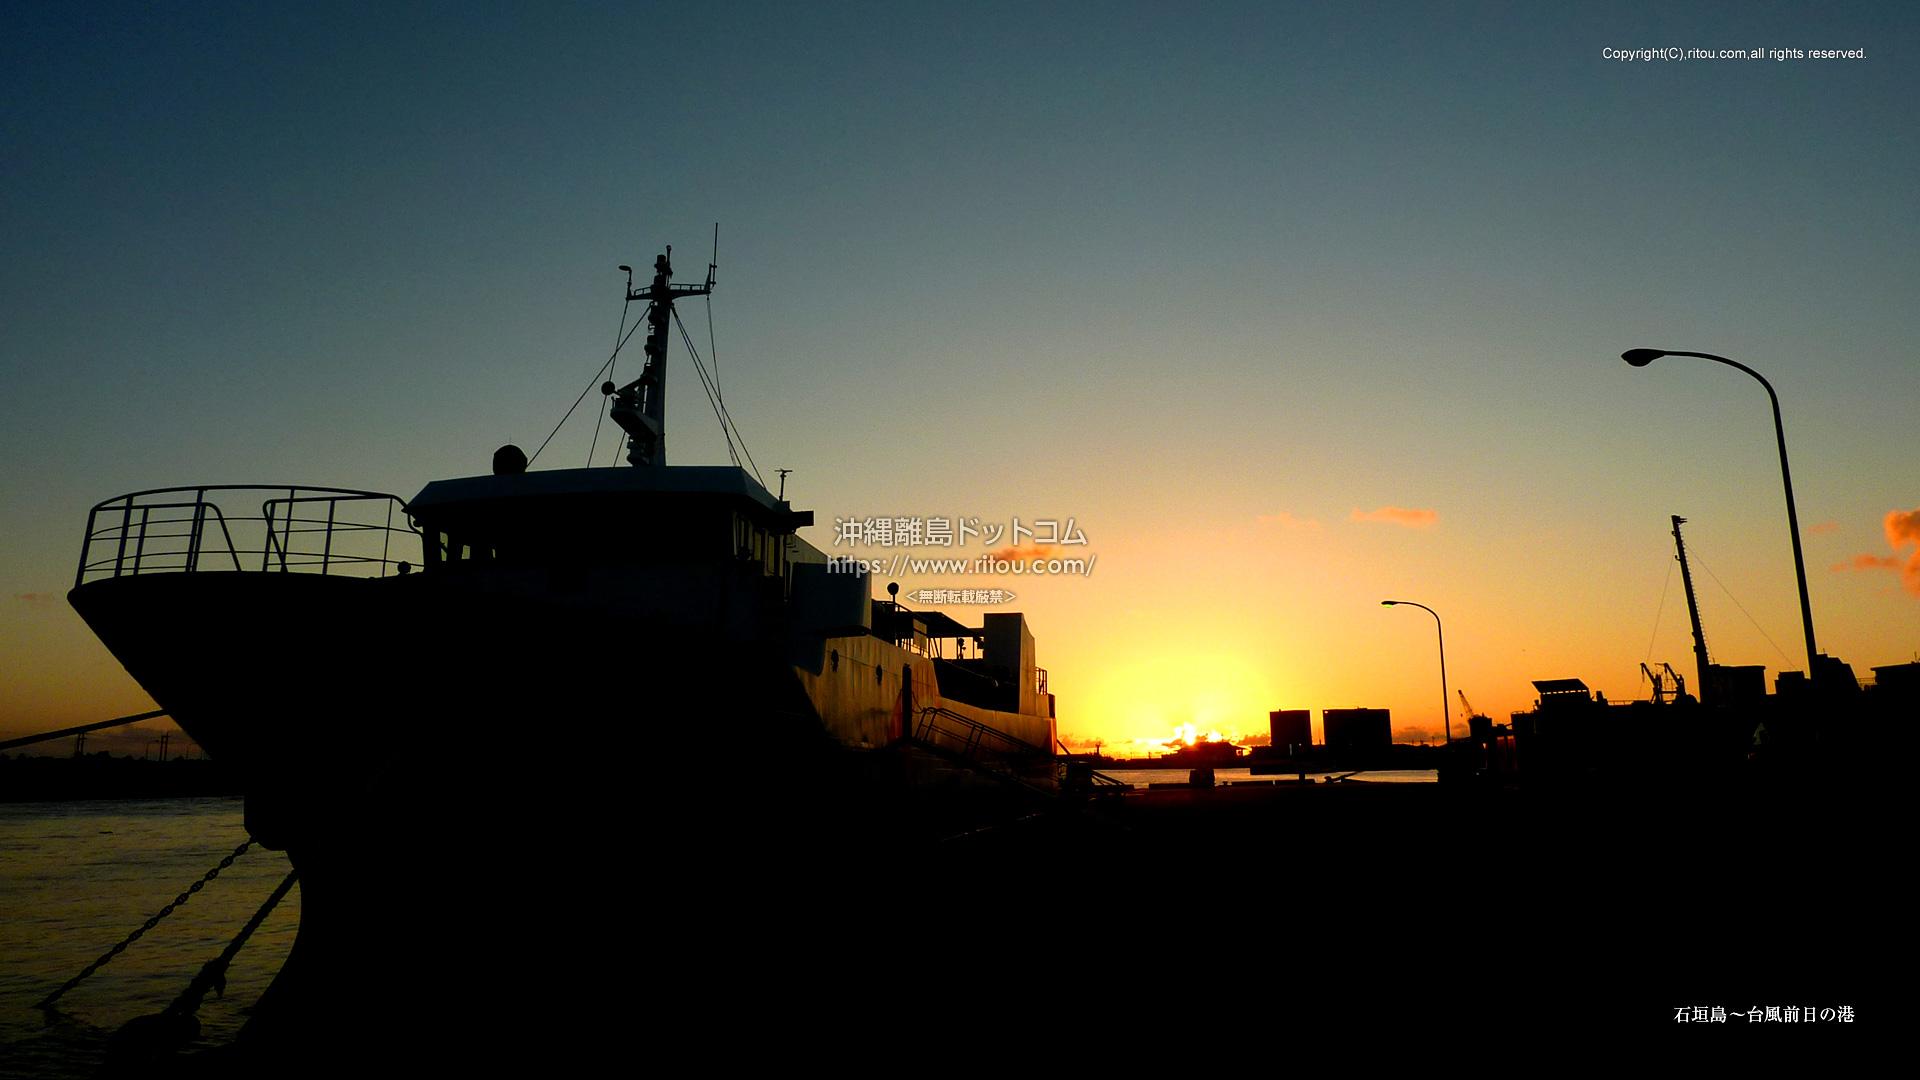 石垣島〜台風前日の港